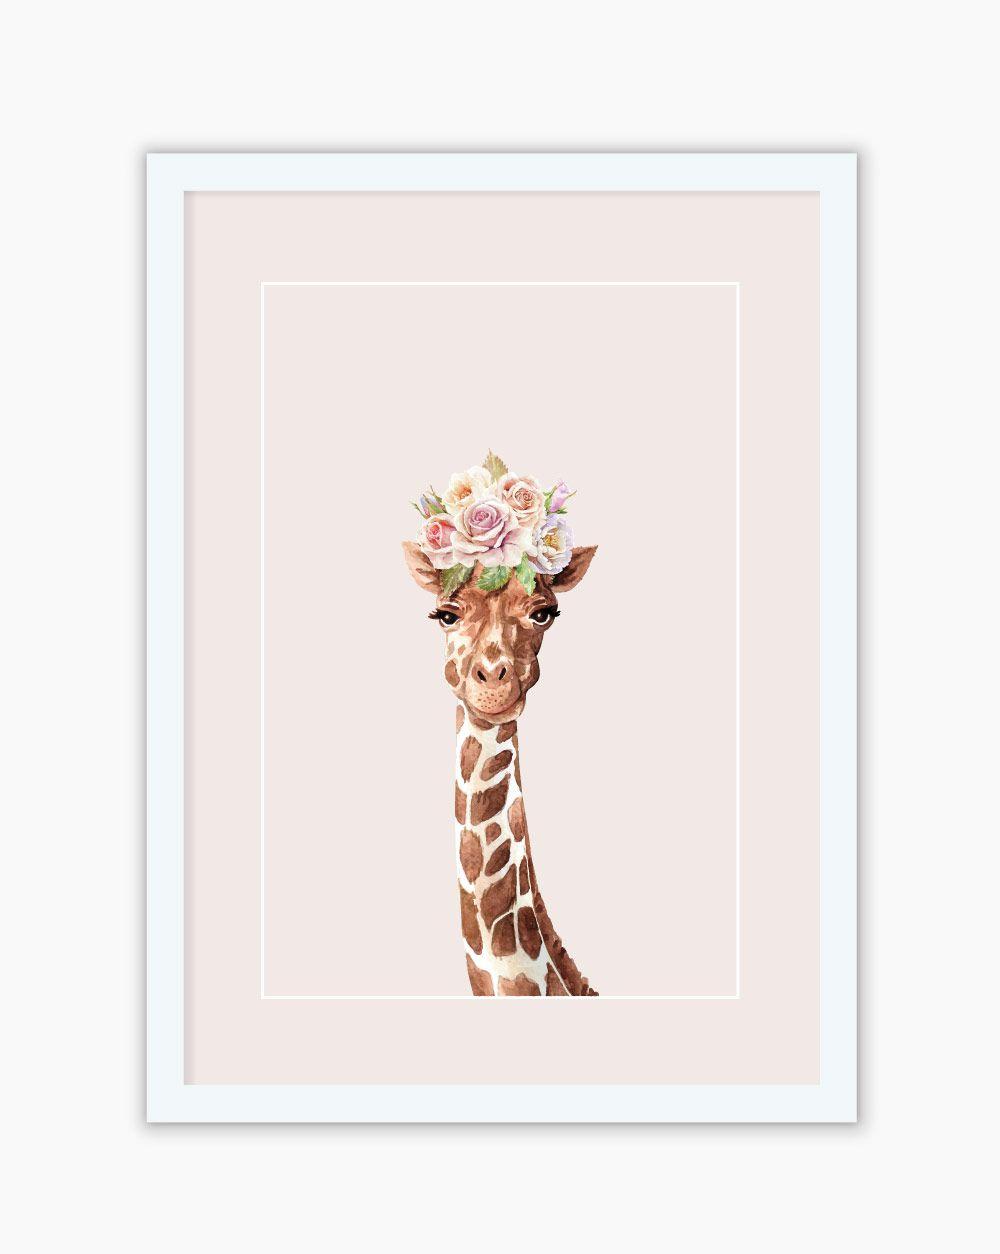 Quadro Blush Giraffa